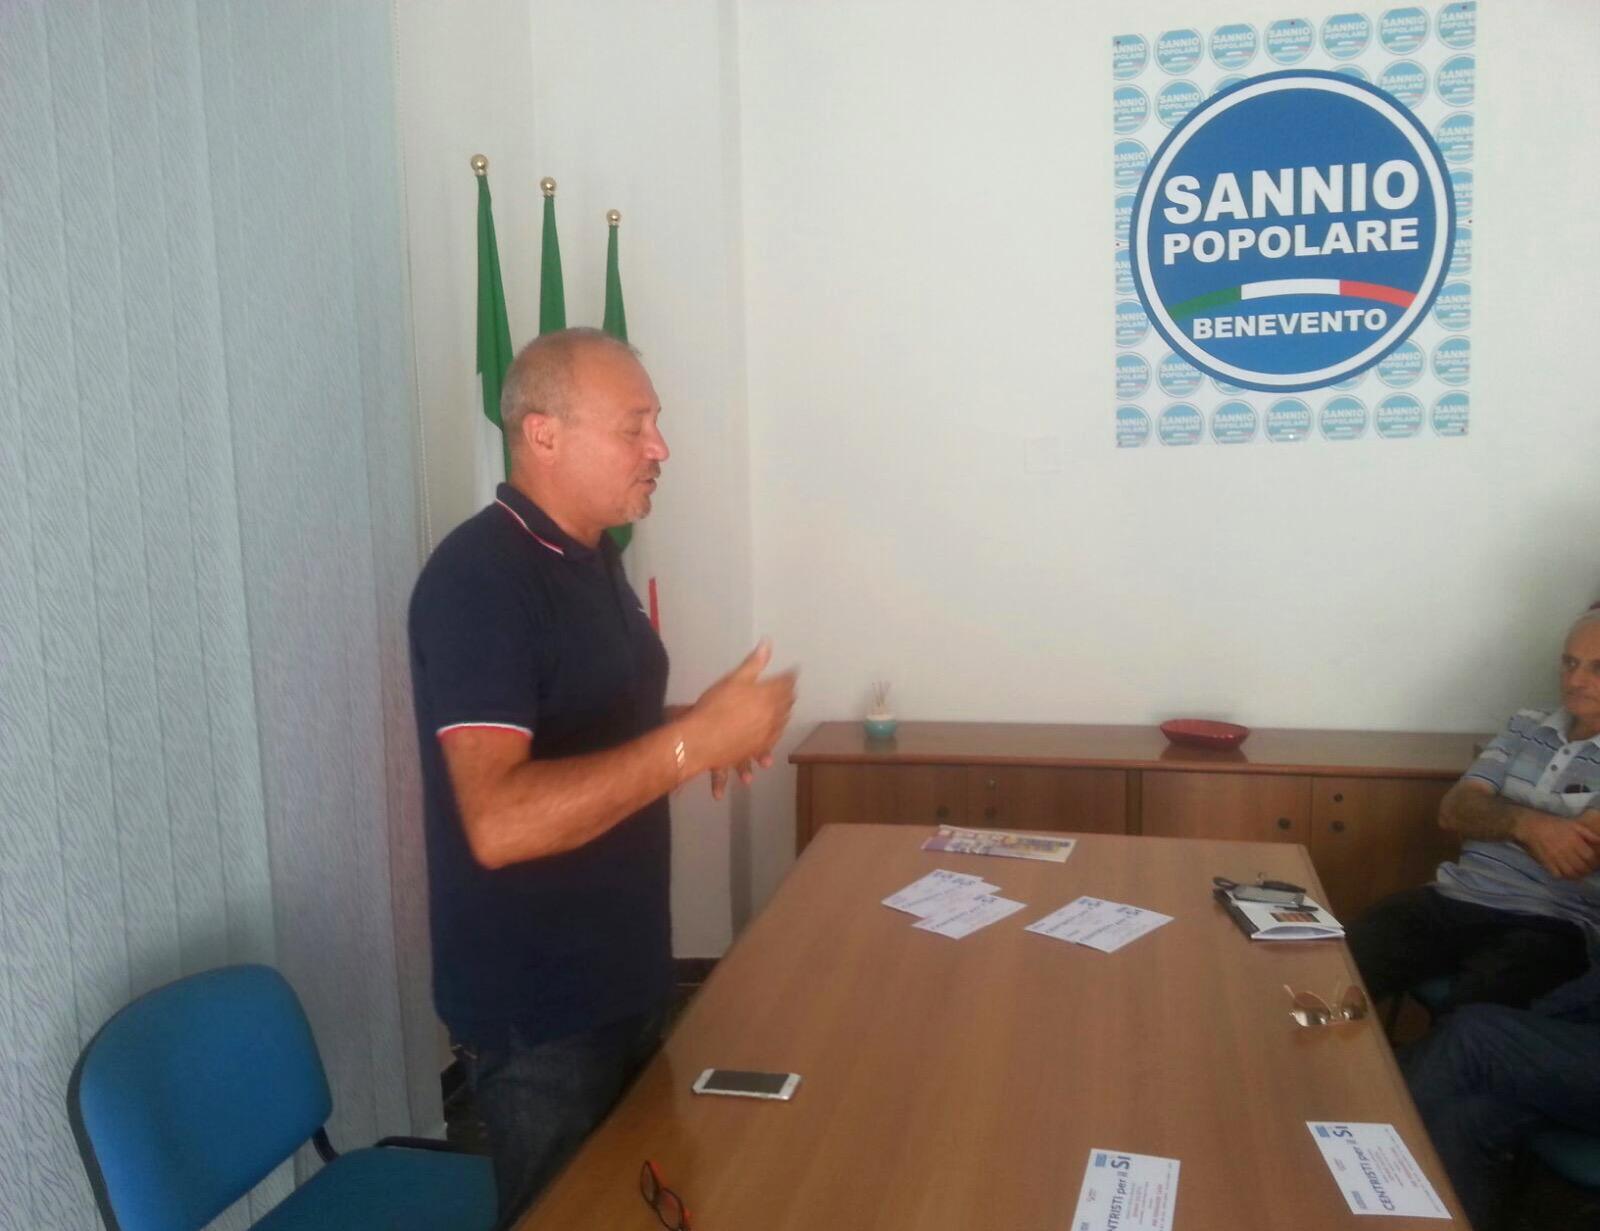 SP, Santamaria: noi presenti nel dibattito cittadino. Ribadito il Si al referendum